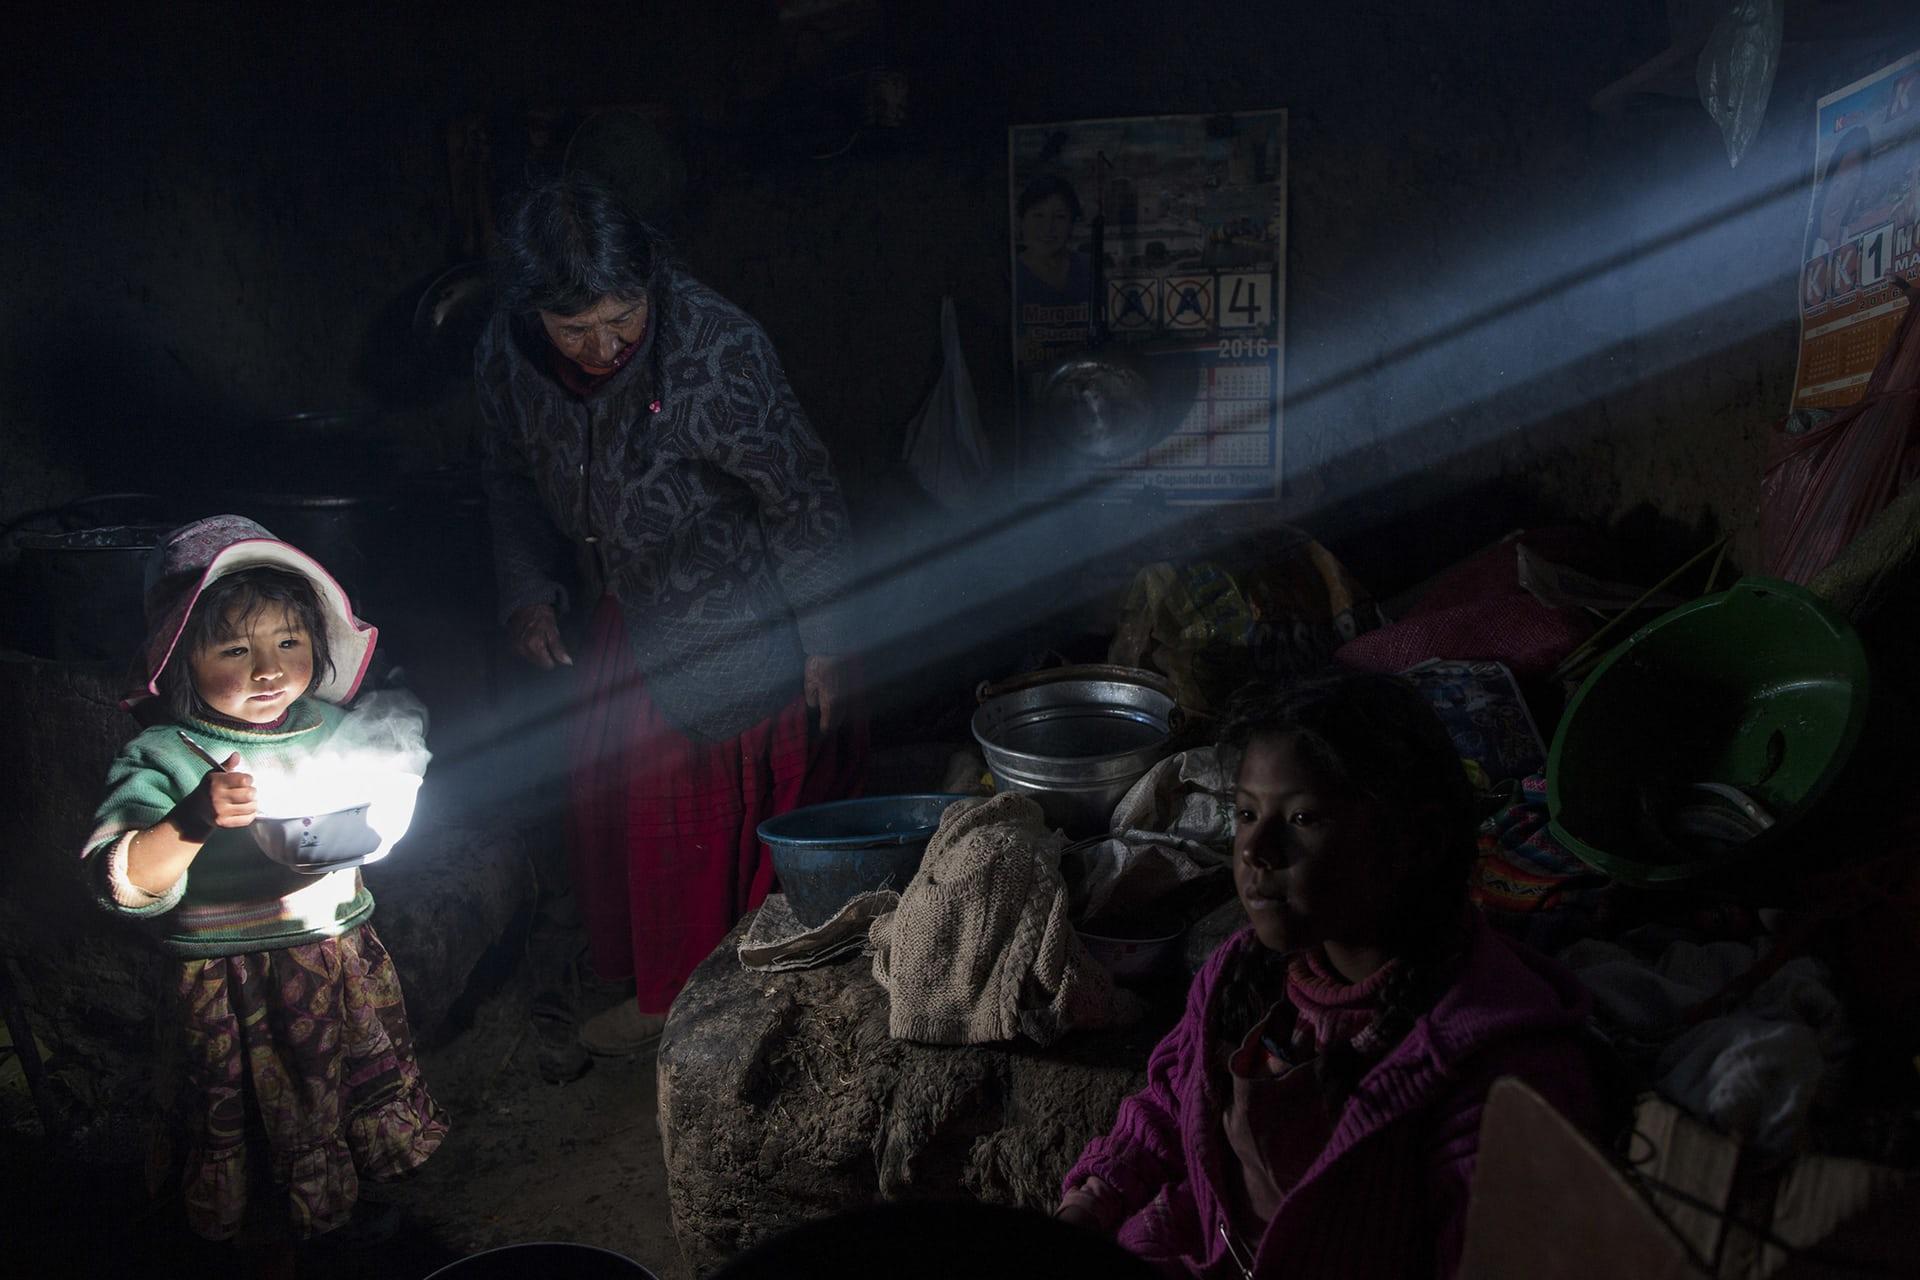 صورة لطفلة تحمل وعاء طعام